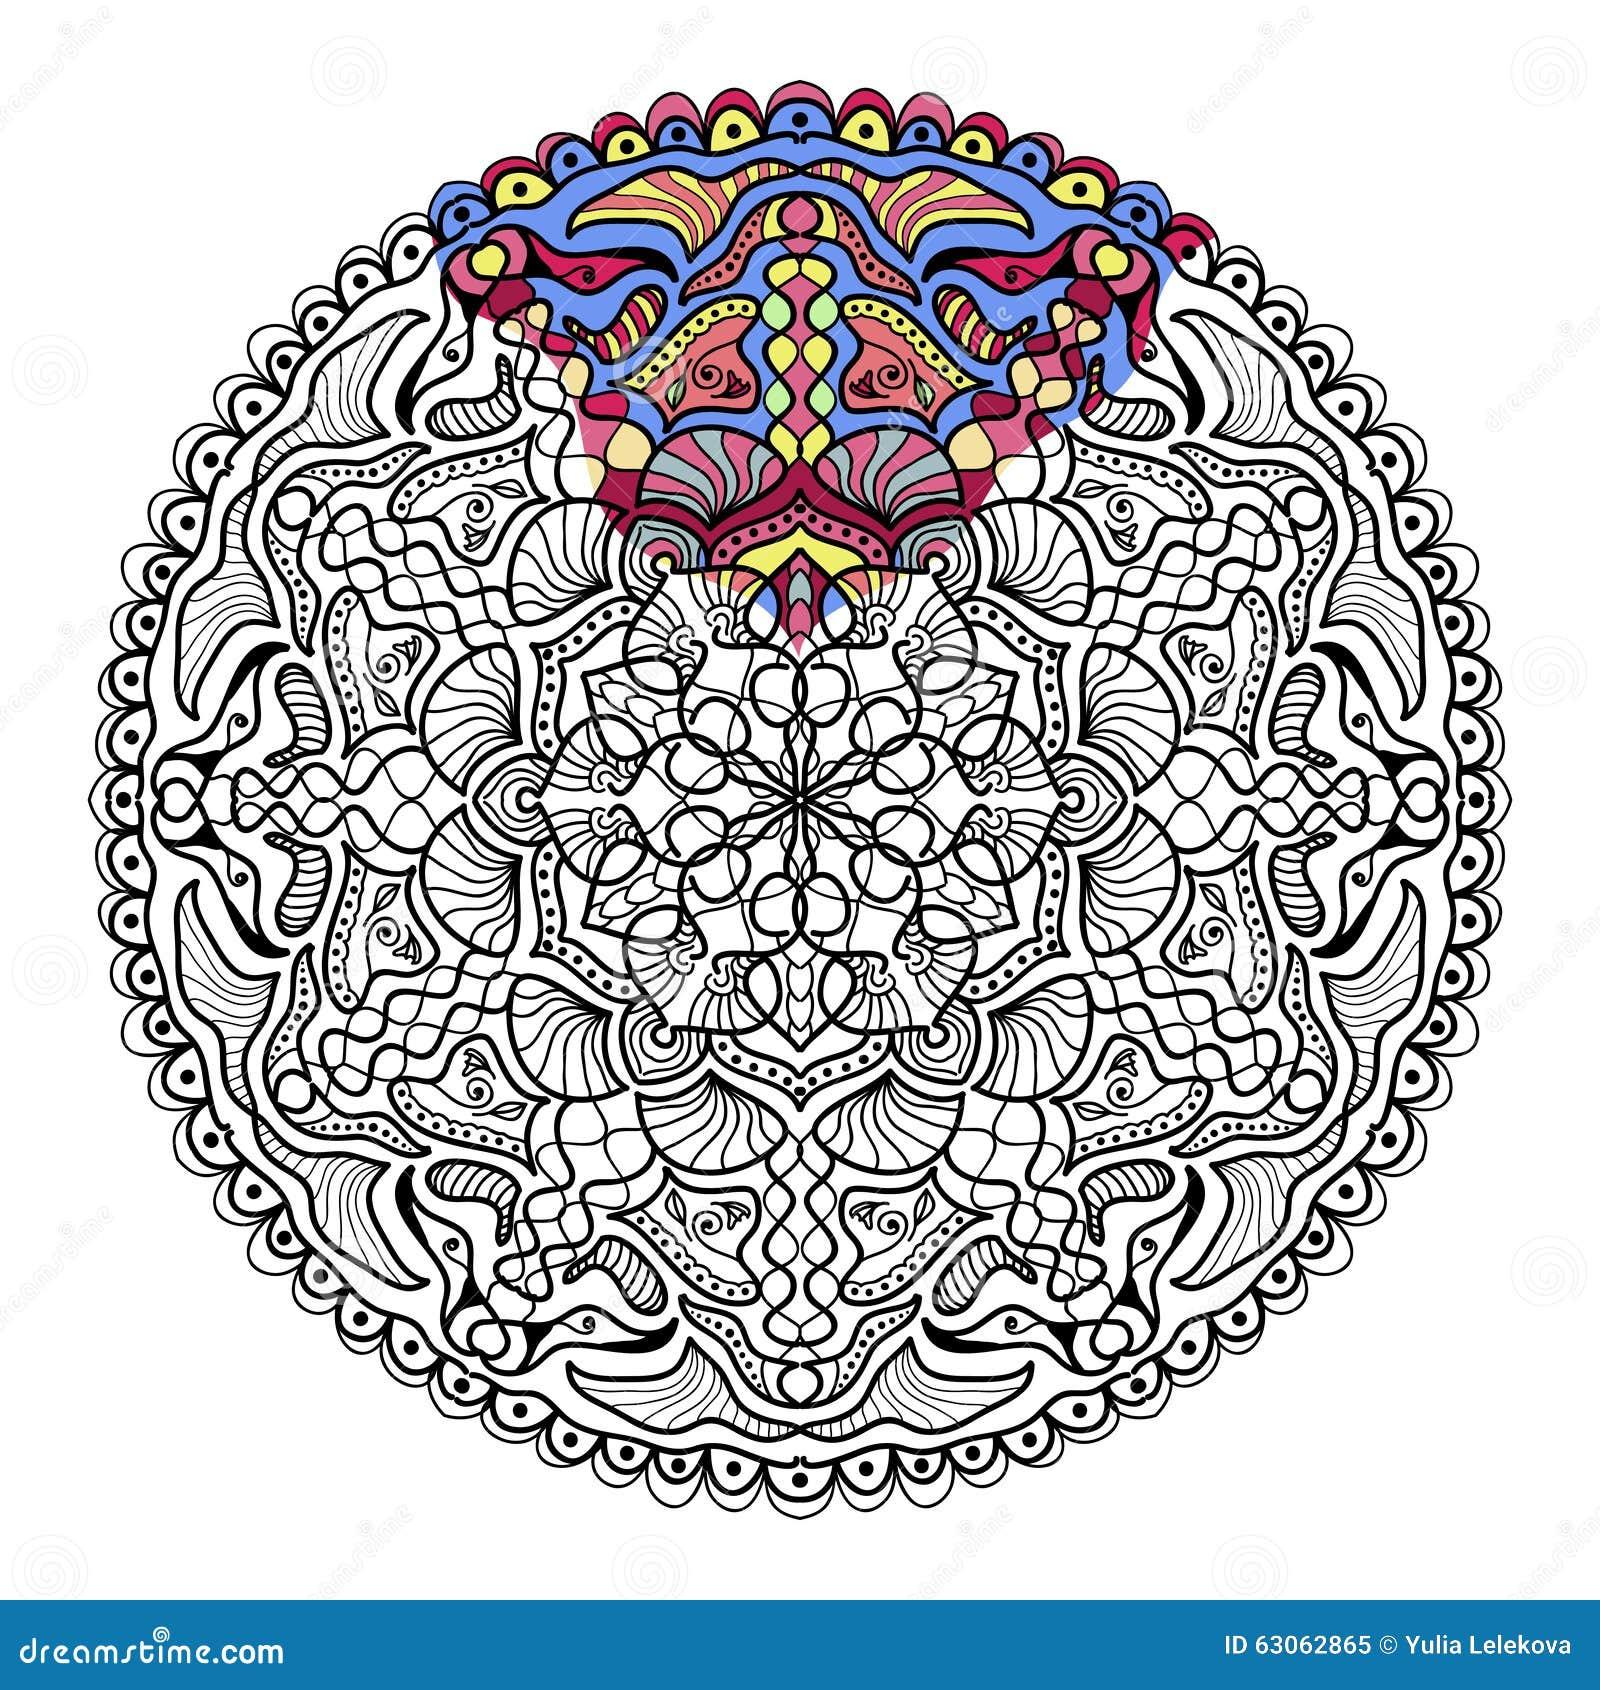 Zendala вектора для красить книжка раскраска для взрослых